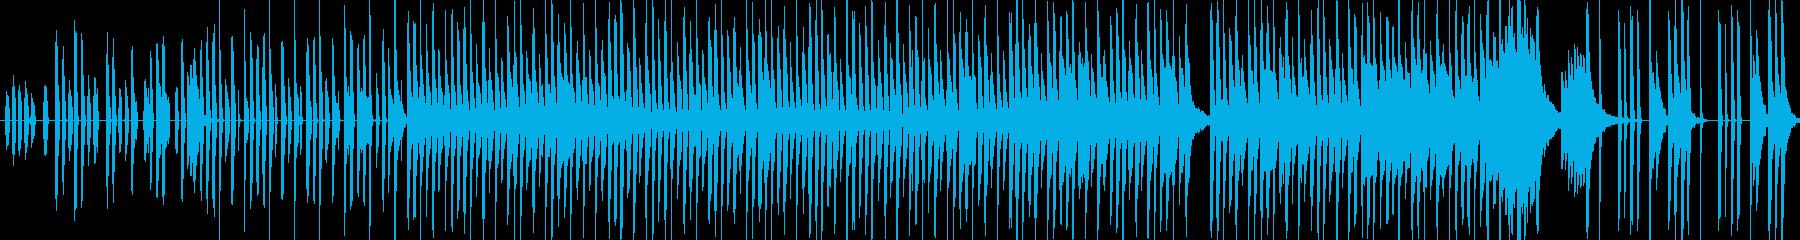 コンピュータゲーム音楽の再生済みの波形